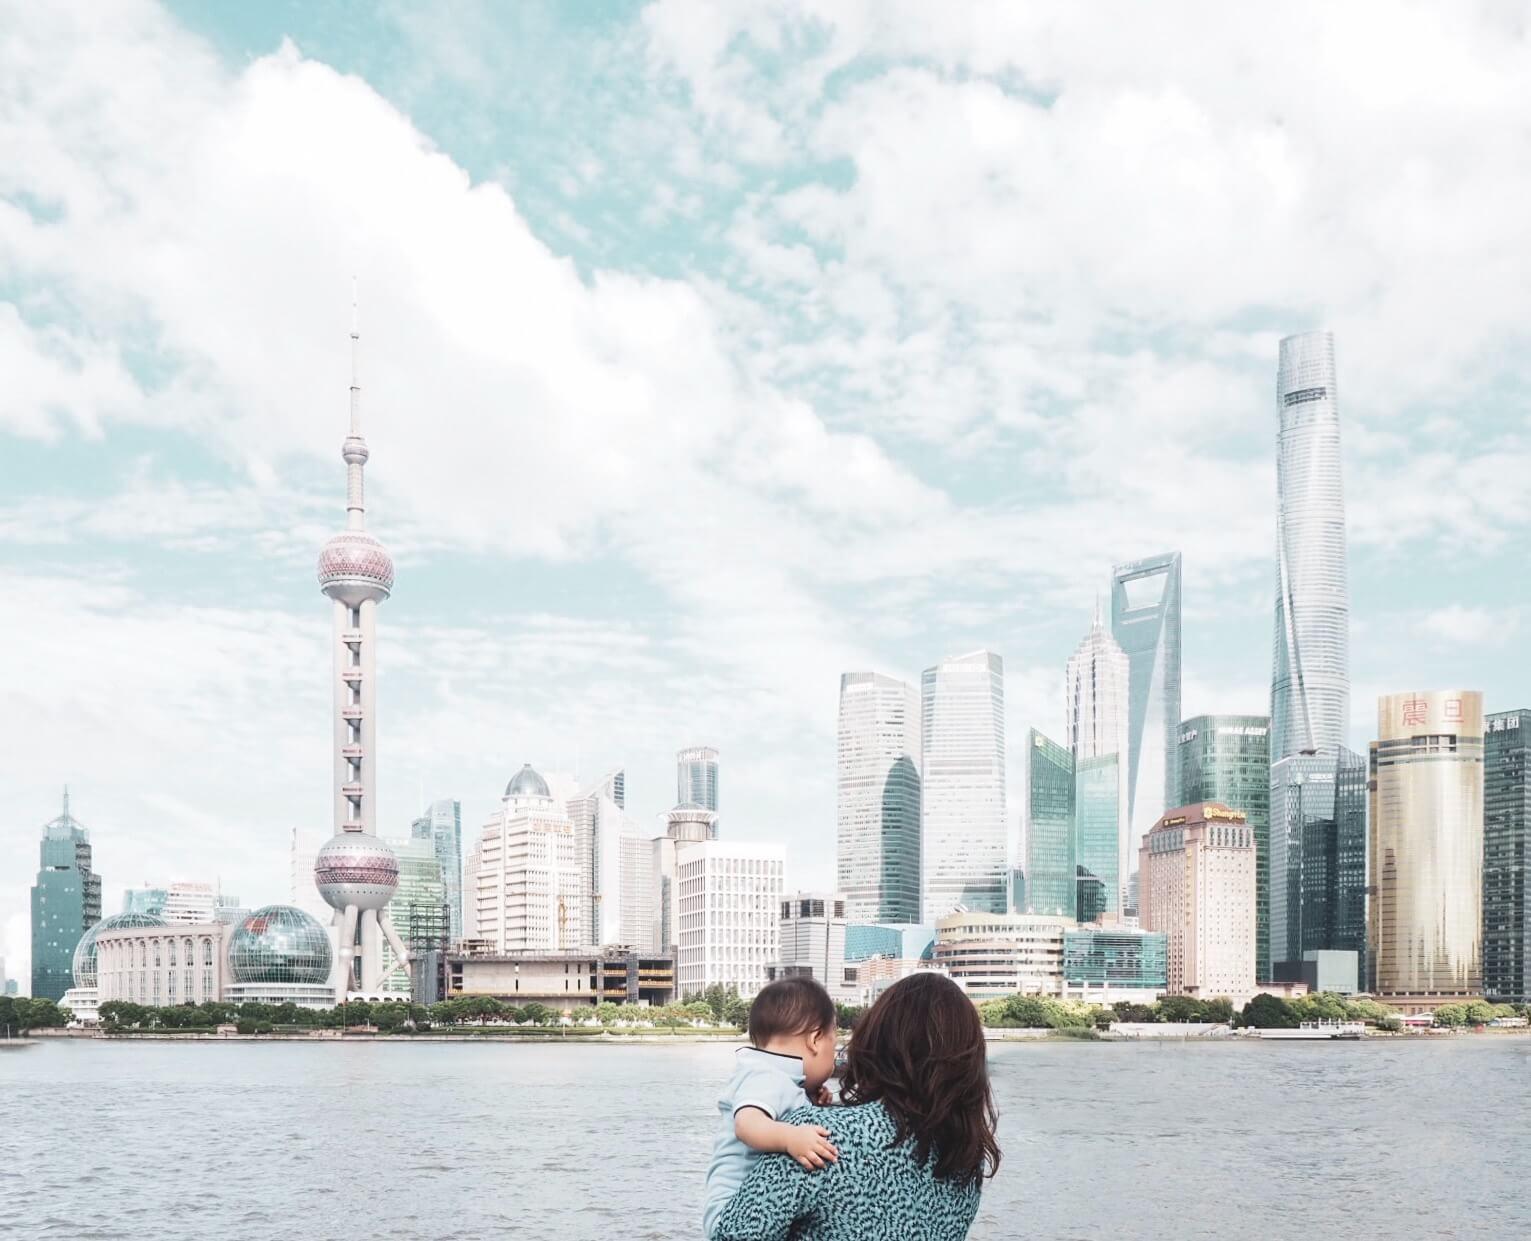 子供と楽しむ上海旅 - 在住者がアテンドする3泊4日旅日記